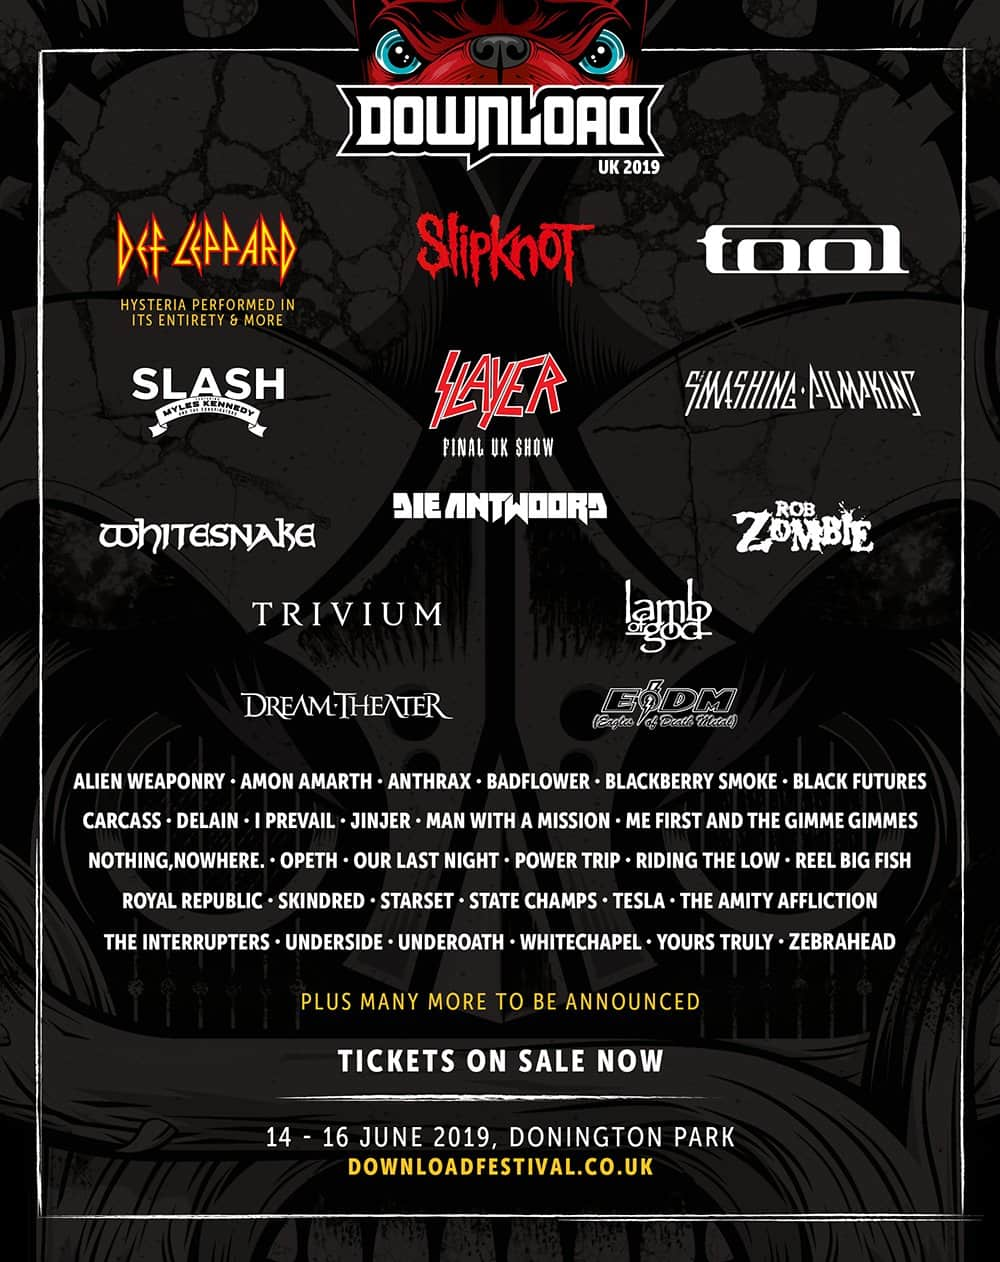 イギリス「Download Festival UK 2019」第2弾発表で、ゼブラヘッド、スレイヤー、日本からマンウィズの出演も決定